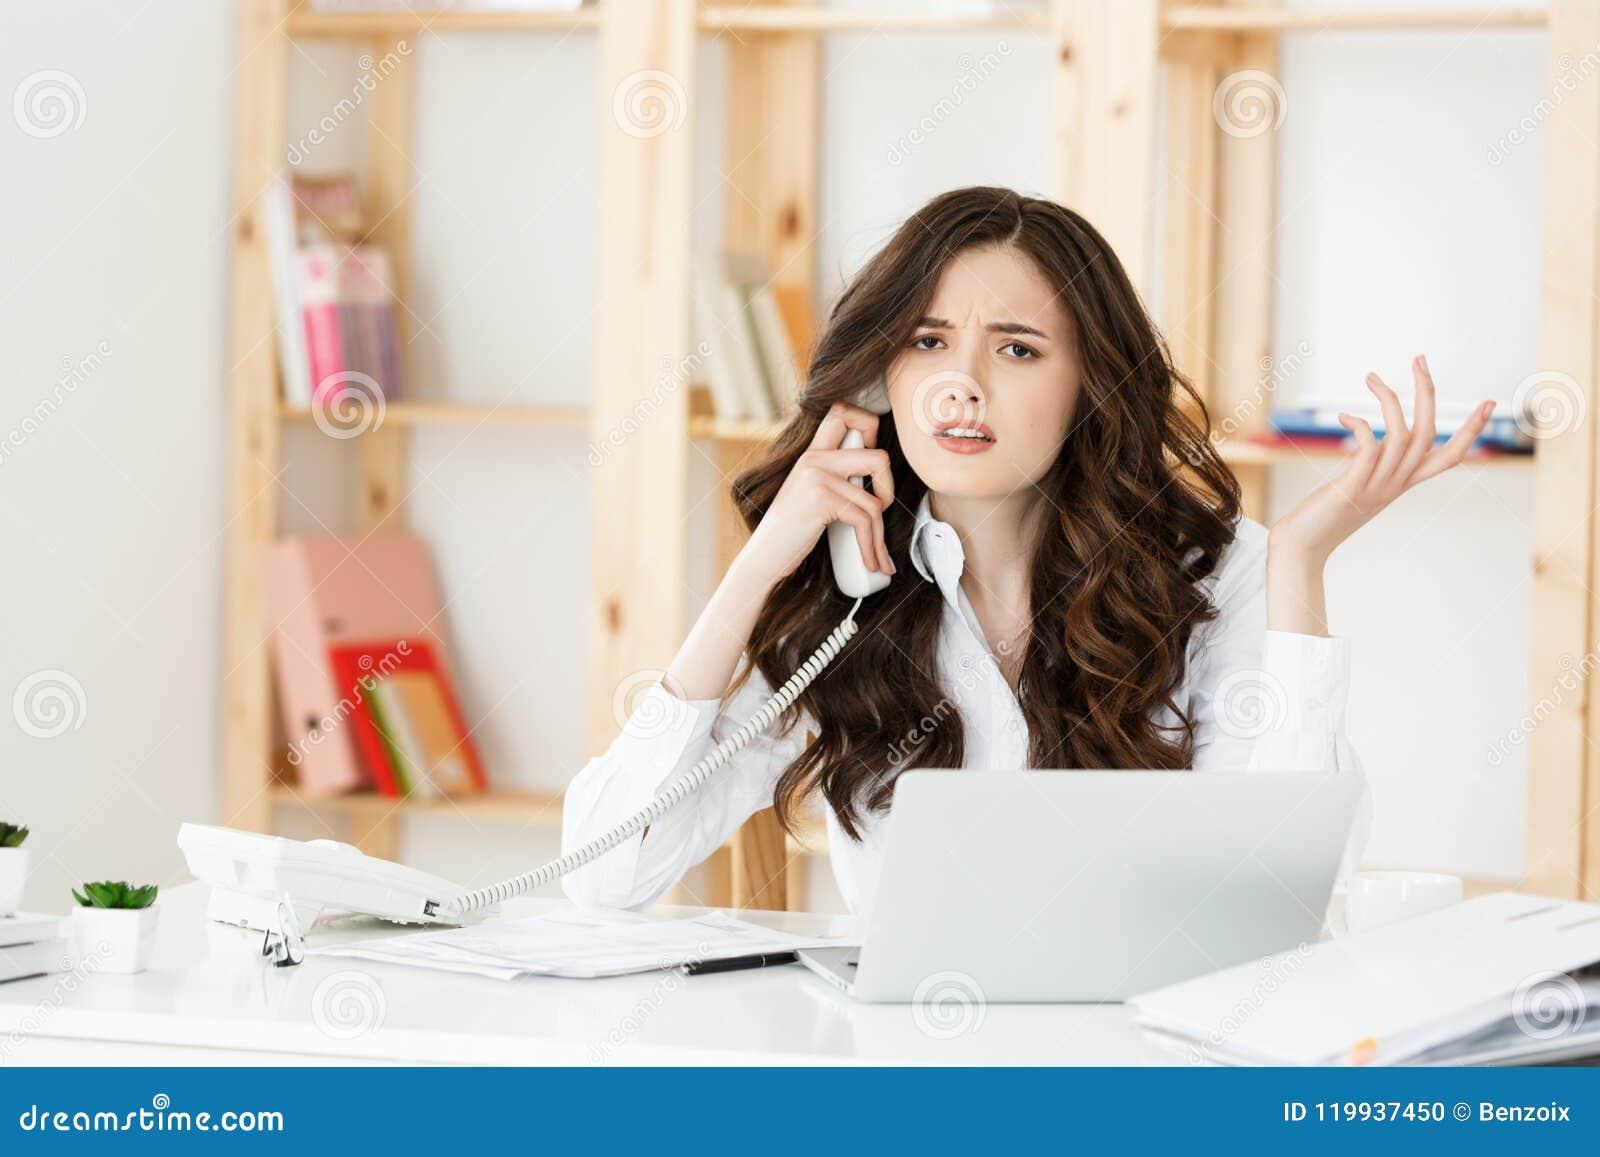 Zmartwionej zaakcentowanej przygnębionej urzędnik biznesowej kobiety odbiorczej złej wiadomości przeciwawaryjna rozmowa telefonic